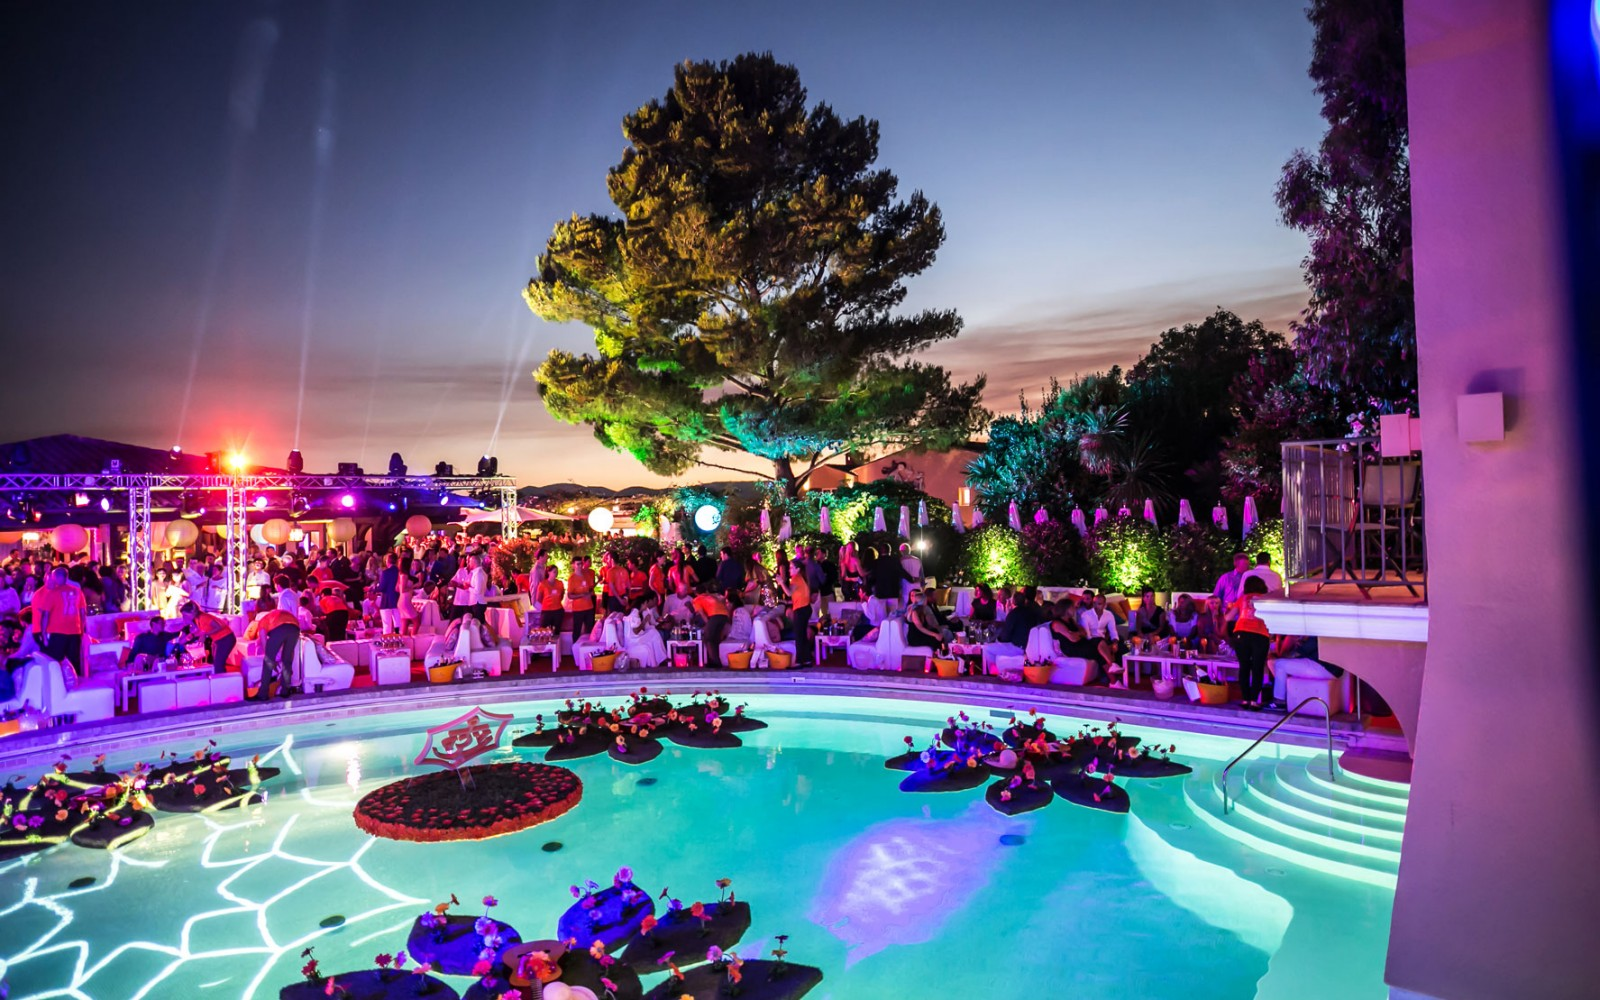 Summer-Party-2016-Byblos-Saint-Tropez-2piscine